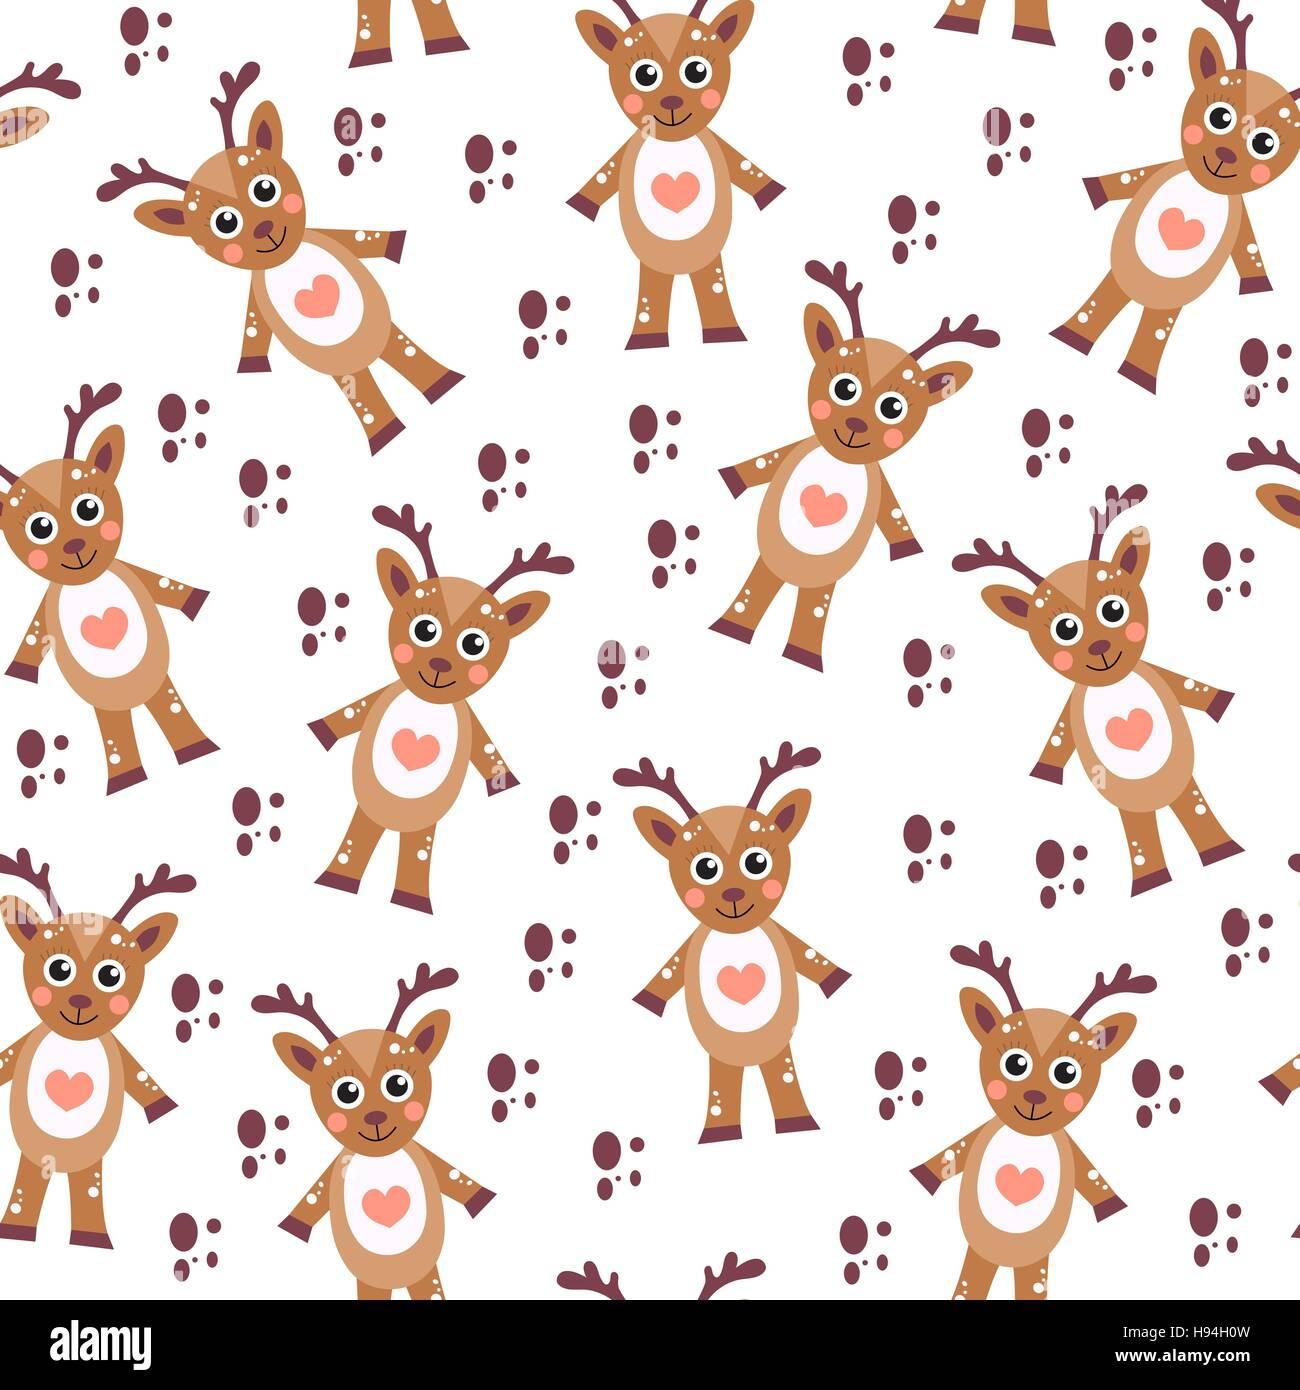 cute cartoon reindeer seamless texture children s background